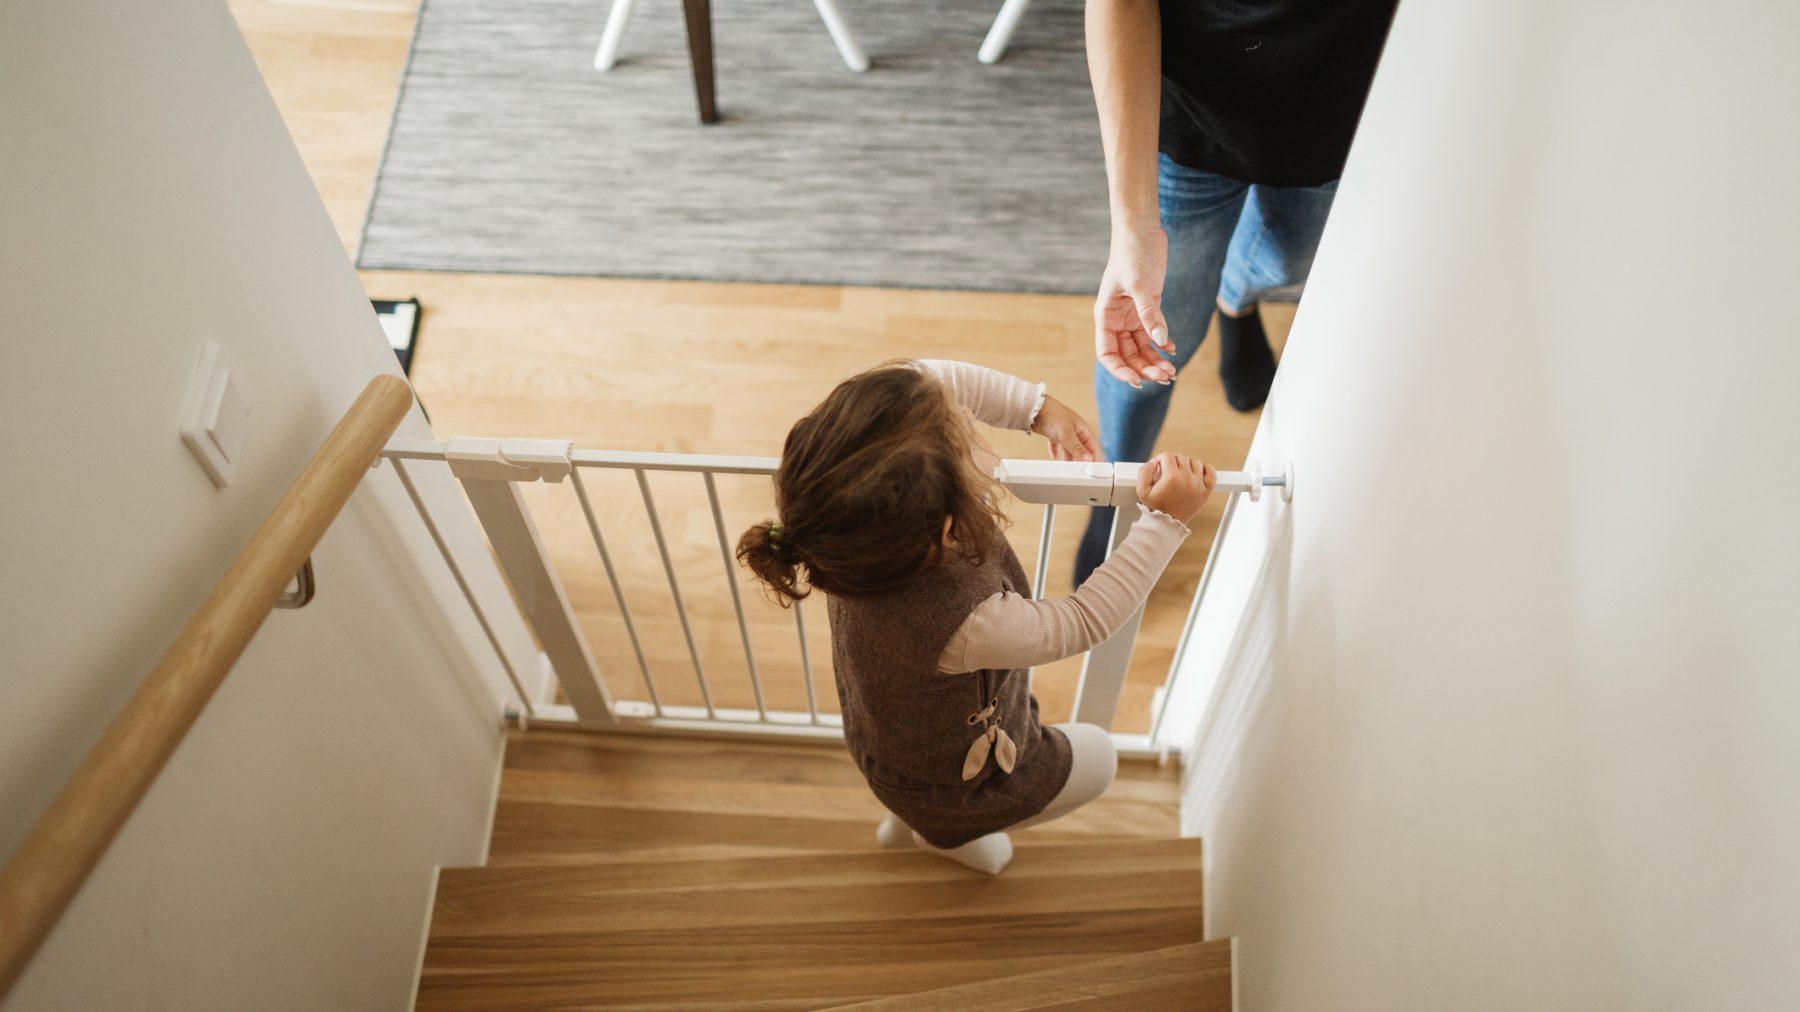 Consumentenbond: 8 van de 15 geteste traphekjes zijn levensgevaarlijk